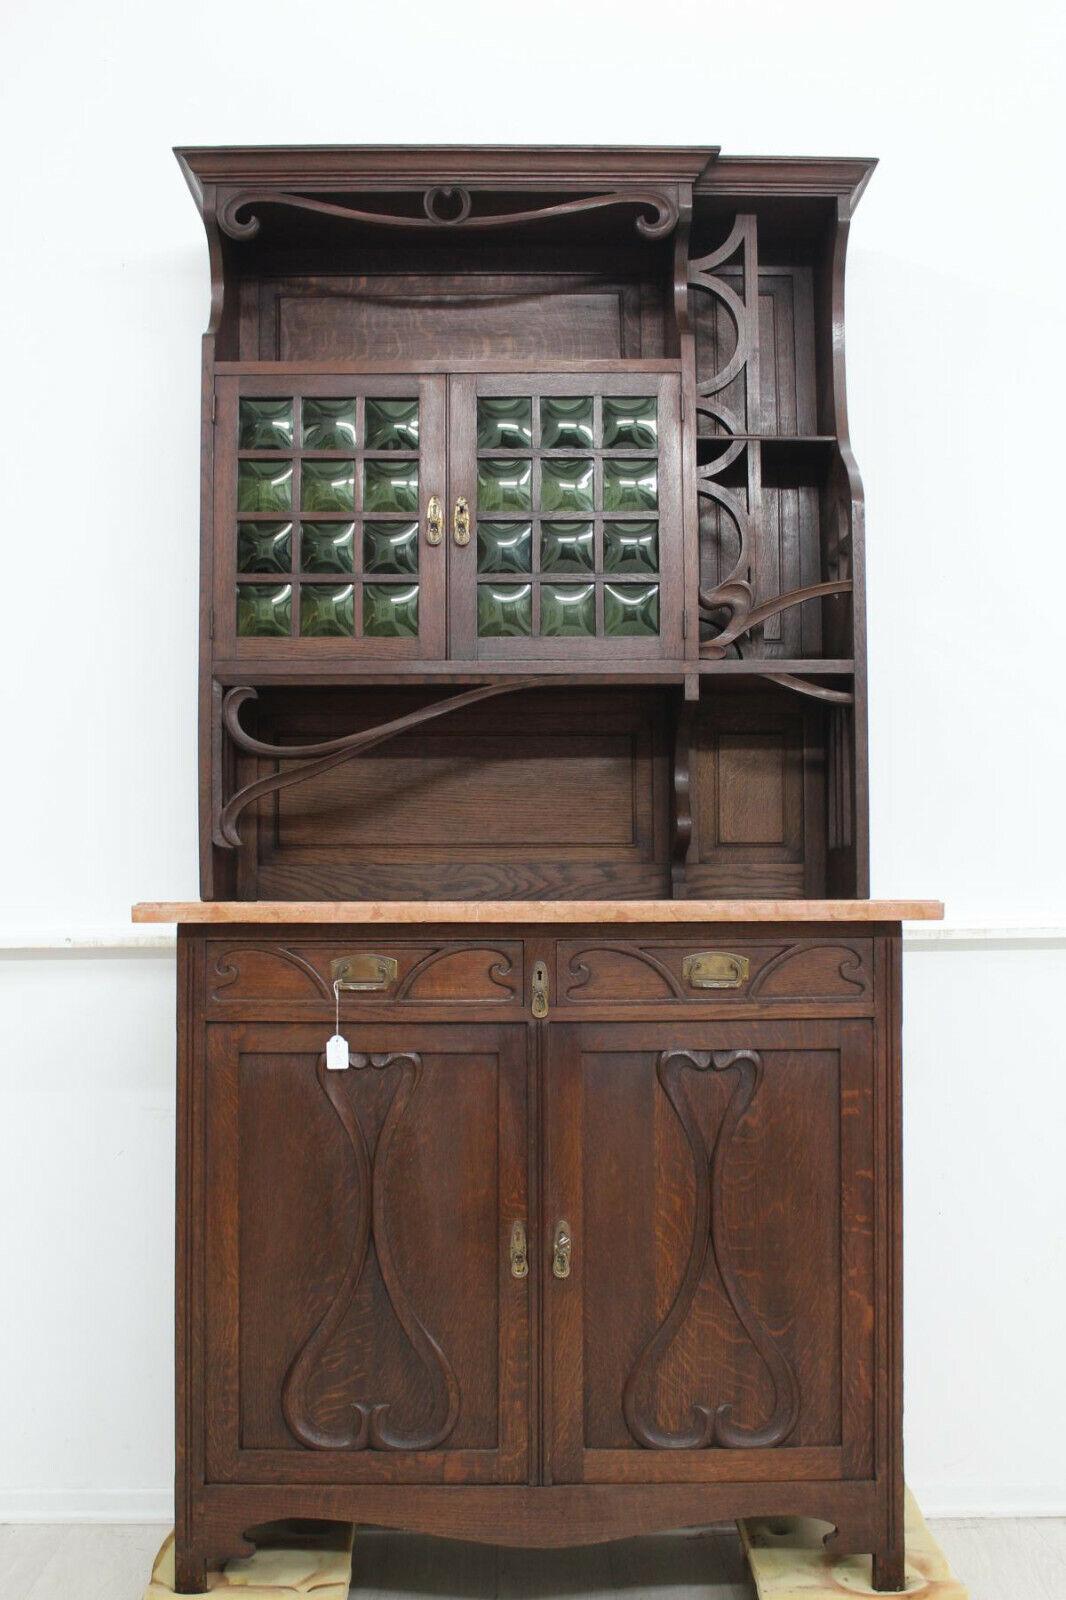 Buffet Jugendstil Antik Anrichte Kredenz Wohnzimmer Diele Belgien Eiche Buf177